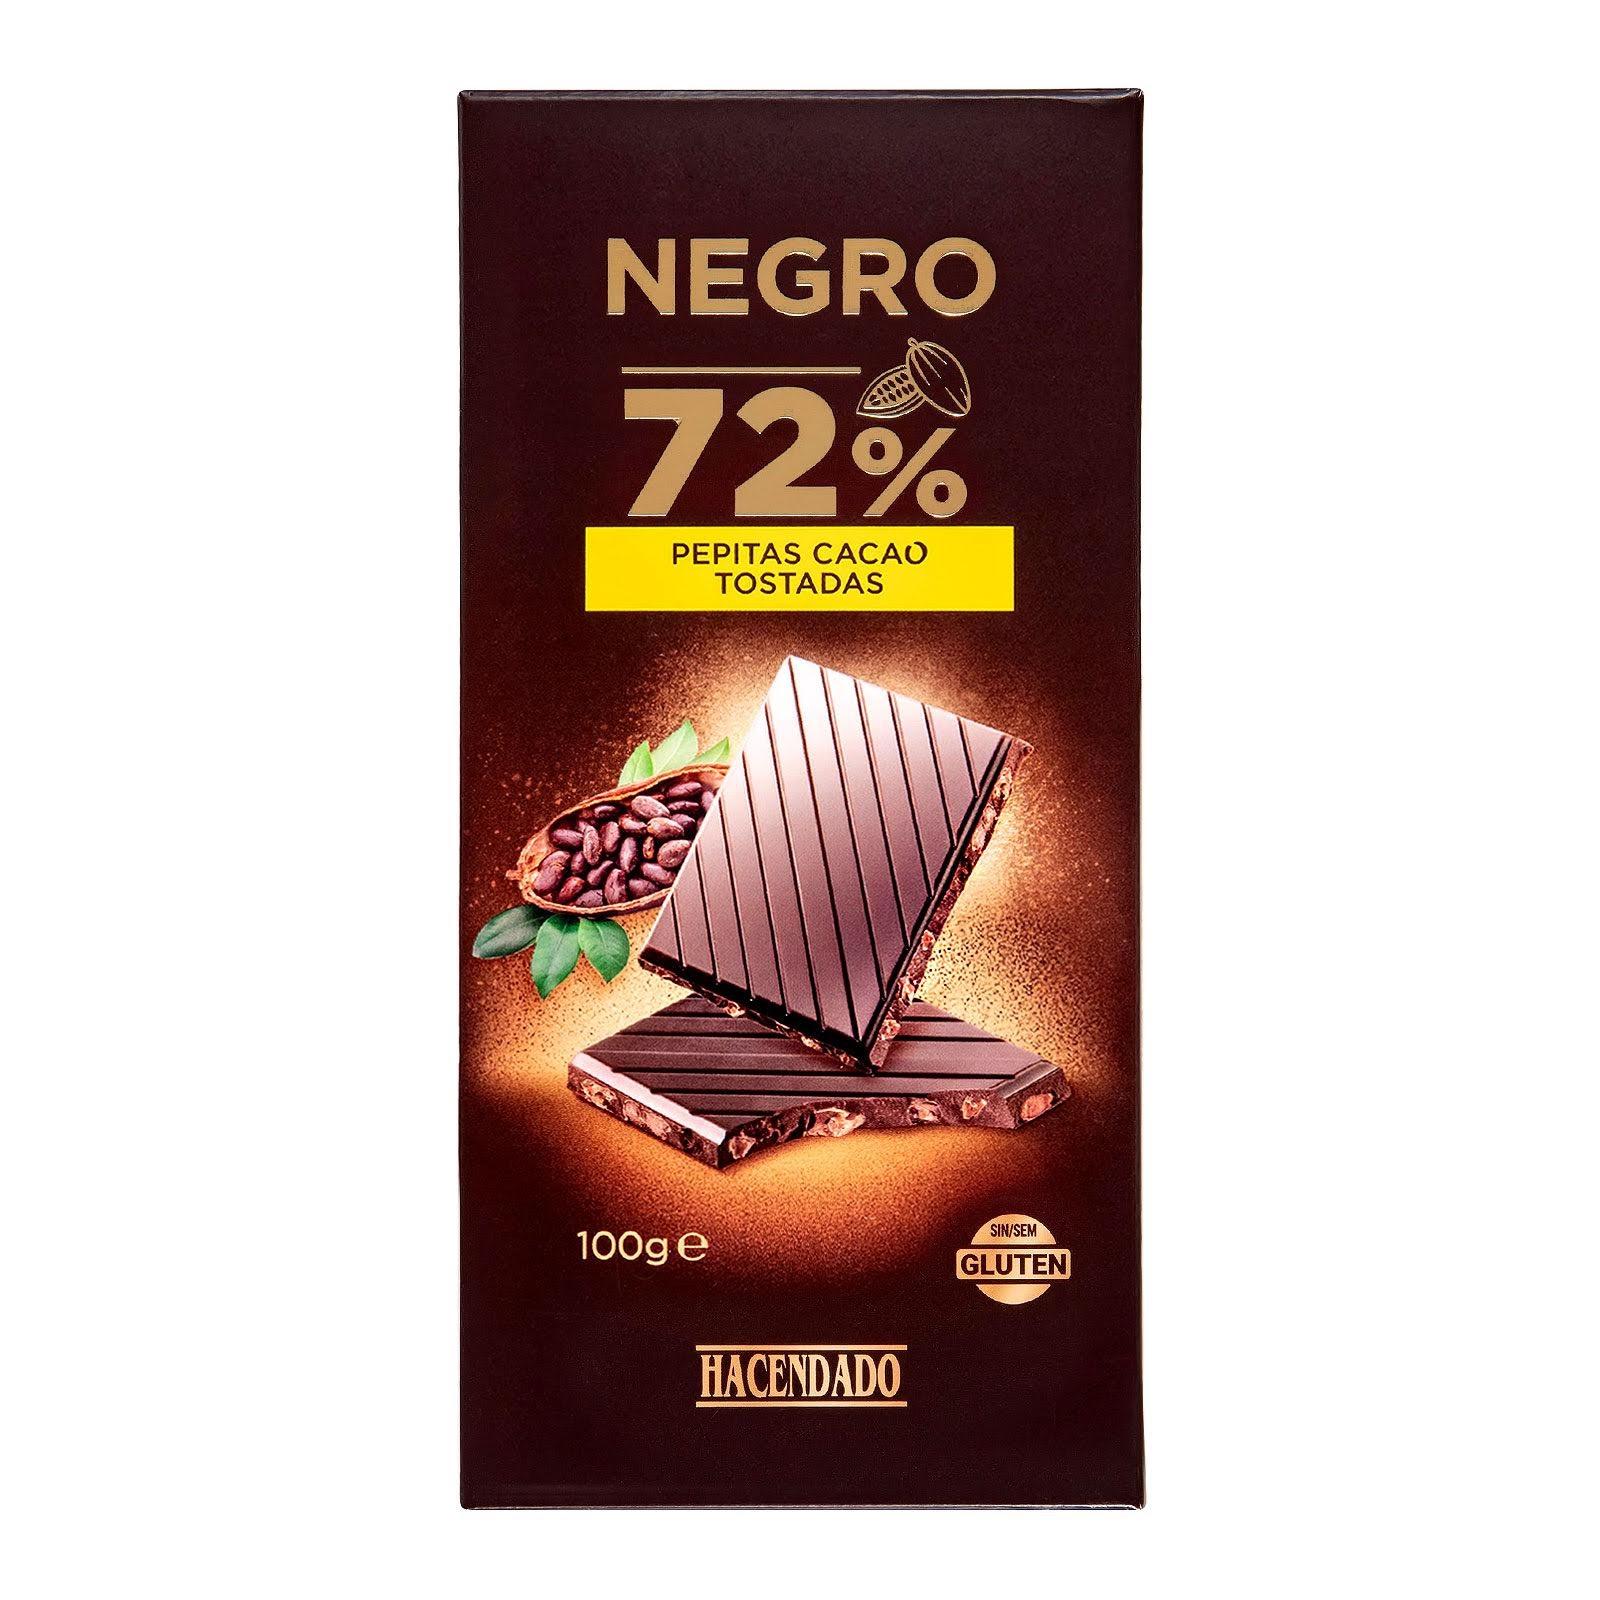 Chocolate negro extrafino 72% de cacao con pepitas tostadas Hacendado